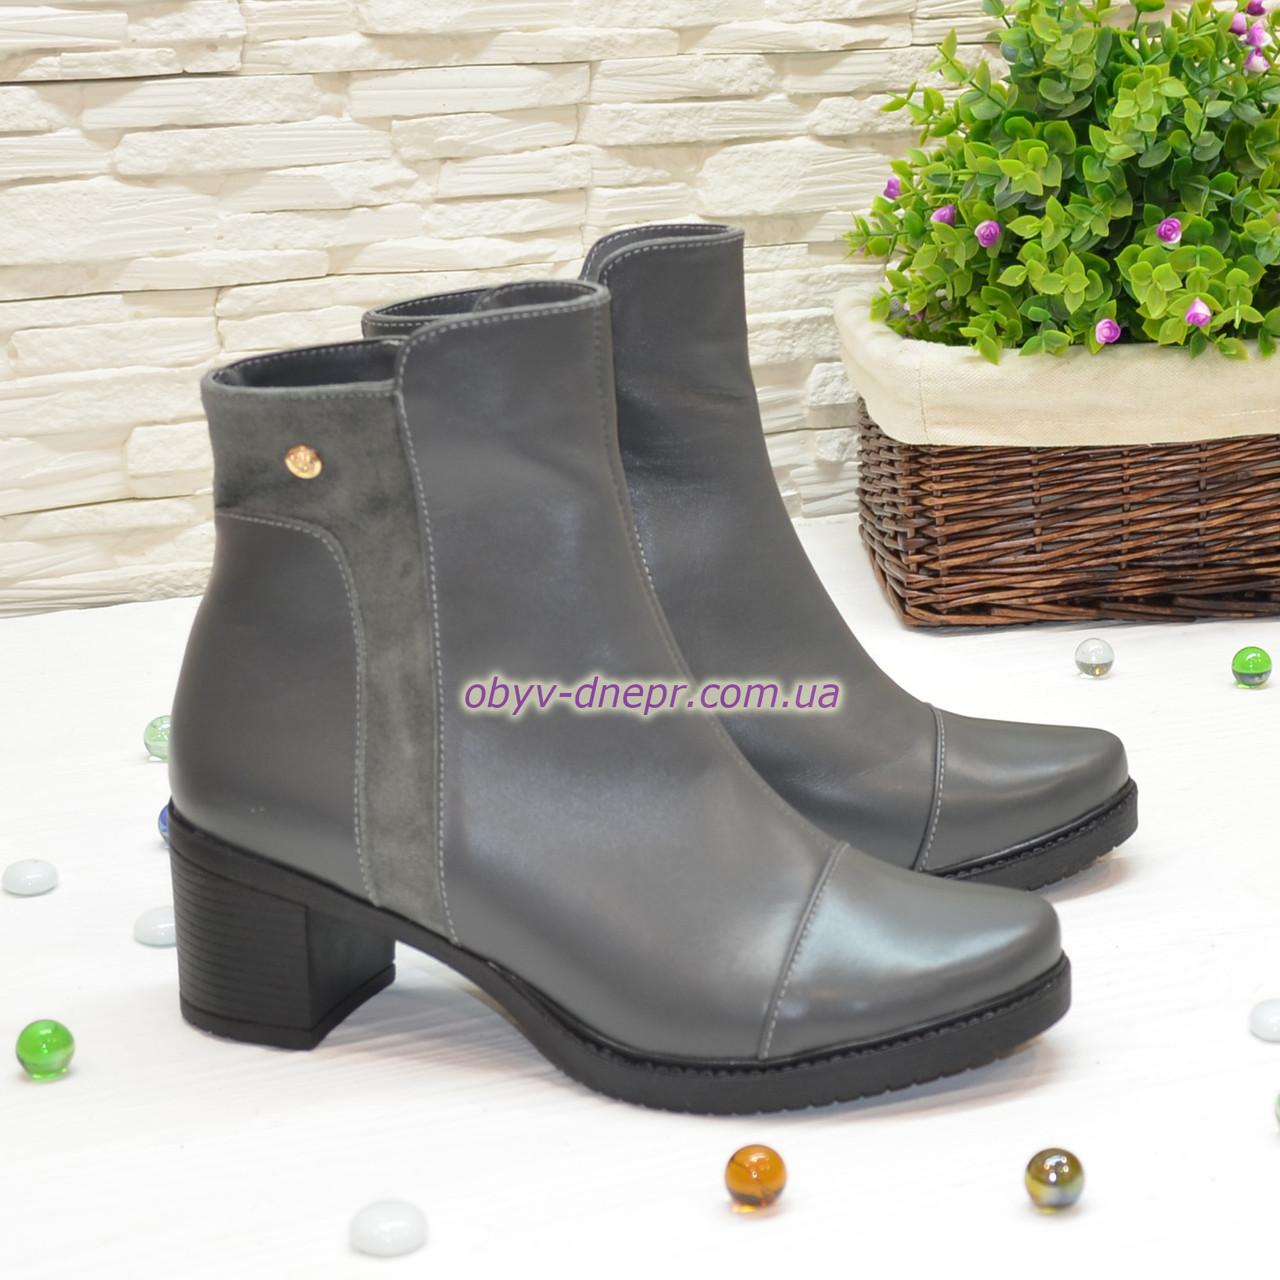 Ботинки женские кожаные на невысоком каблуке, цвет серый